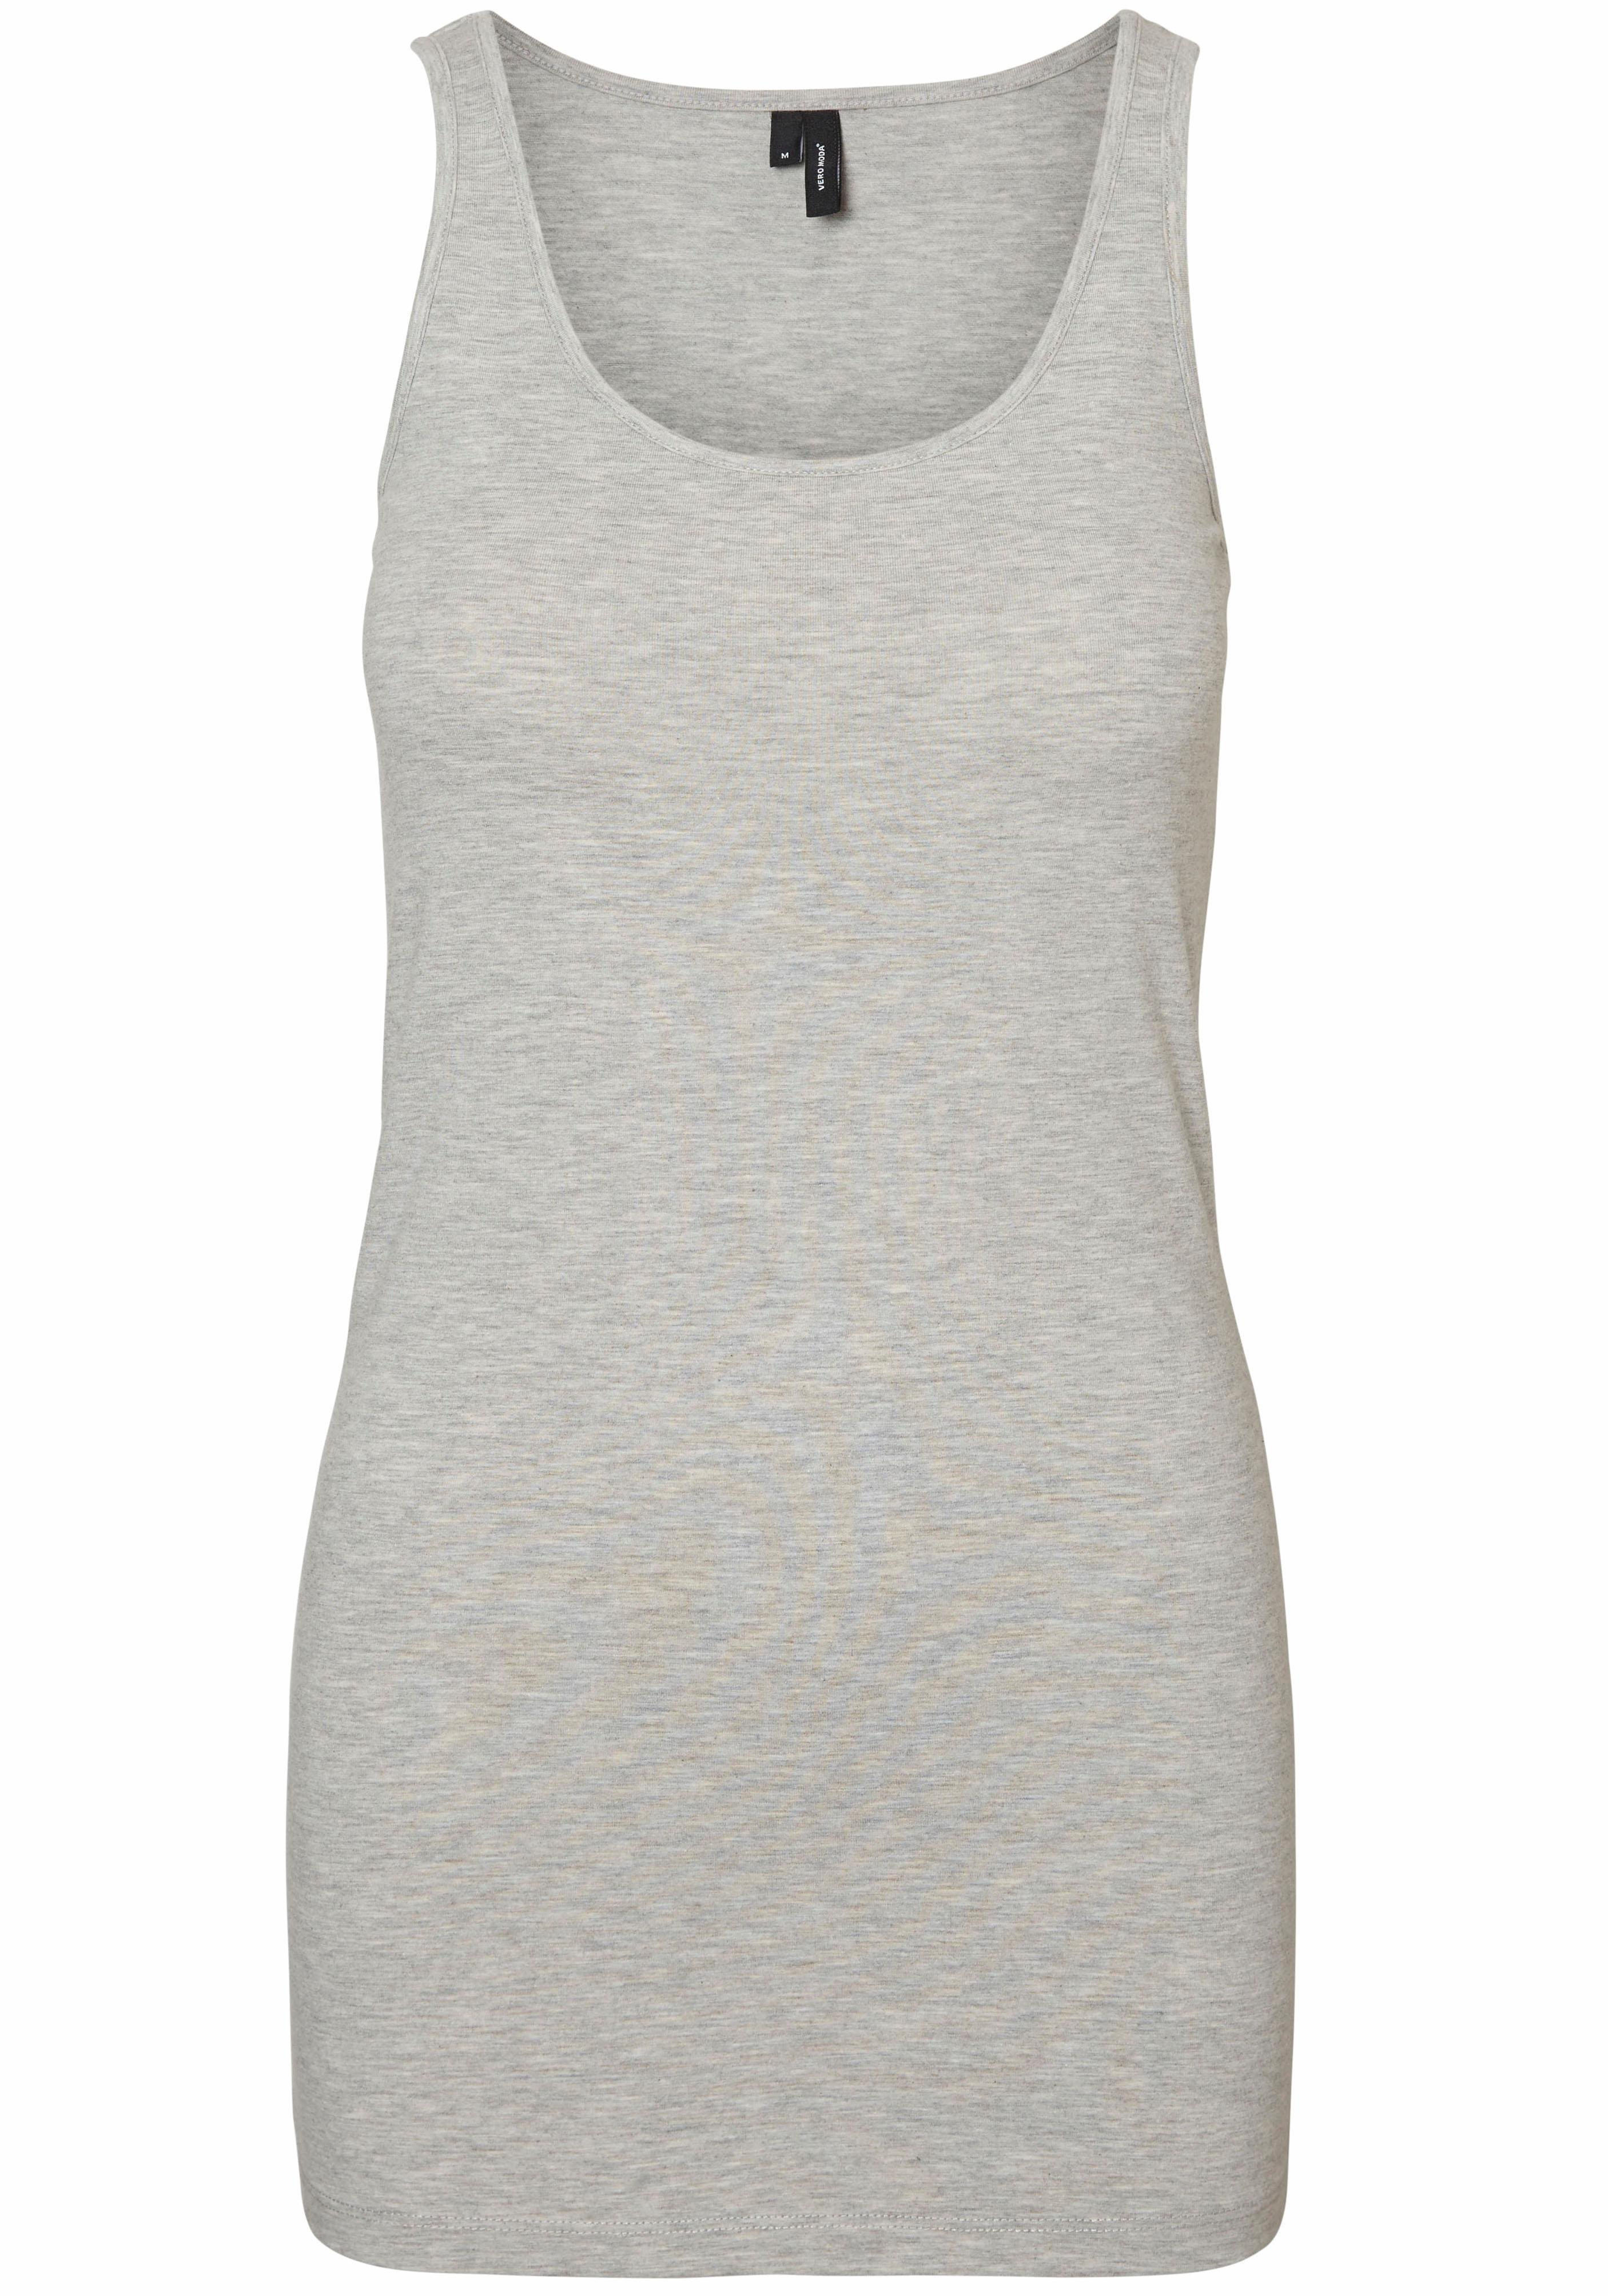 Vero Moda Longtop MAXI | Bekleidung > Tops > Longtops | Grau | Vero Moda